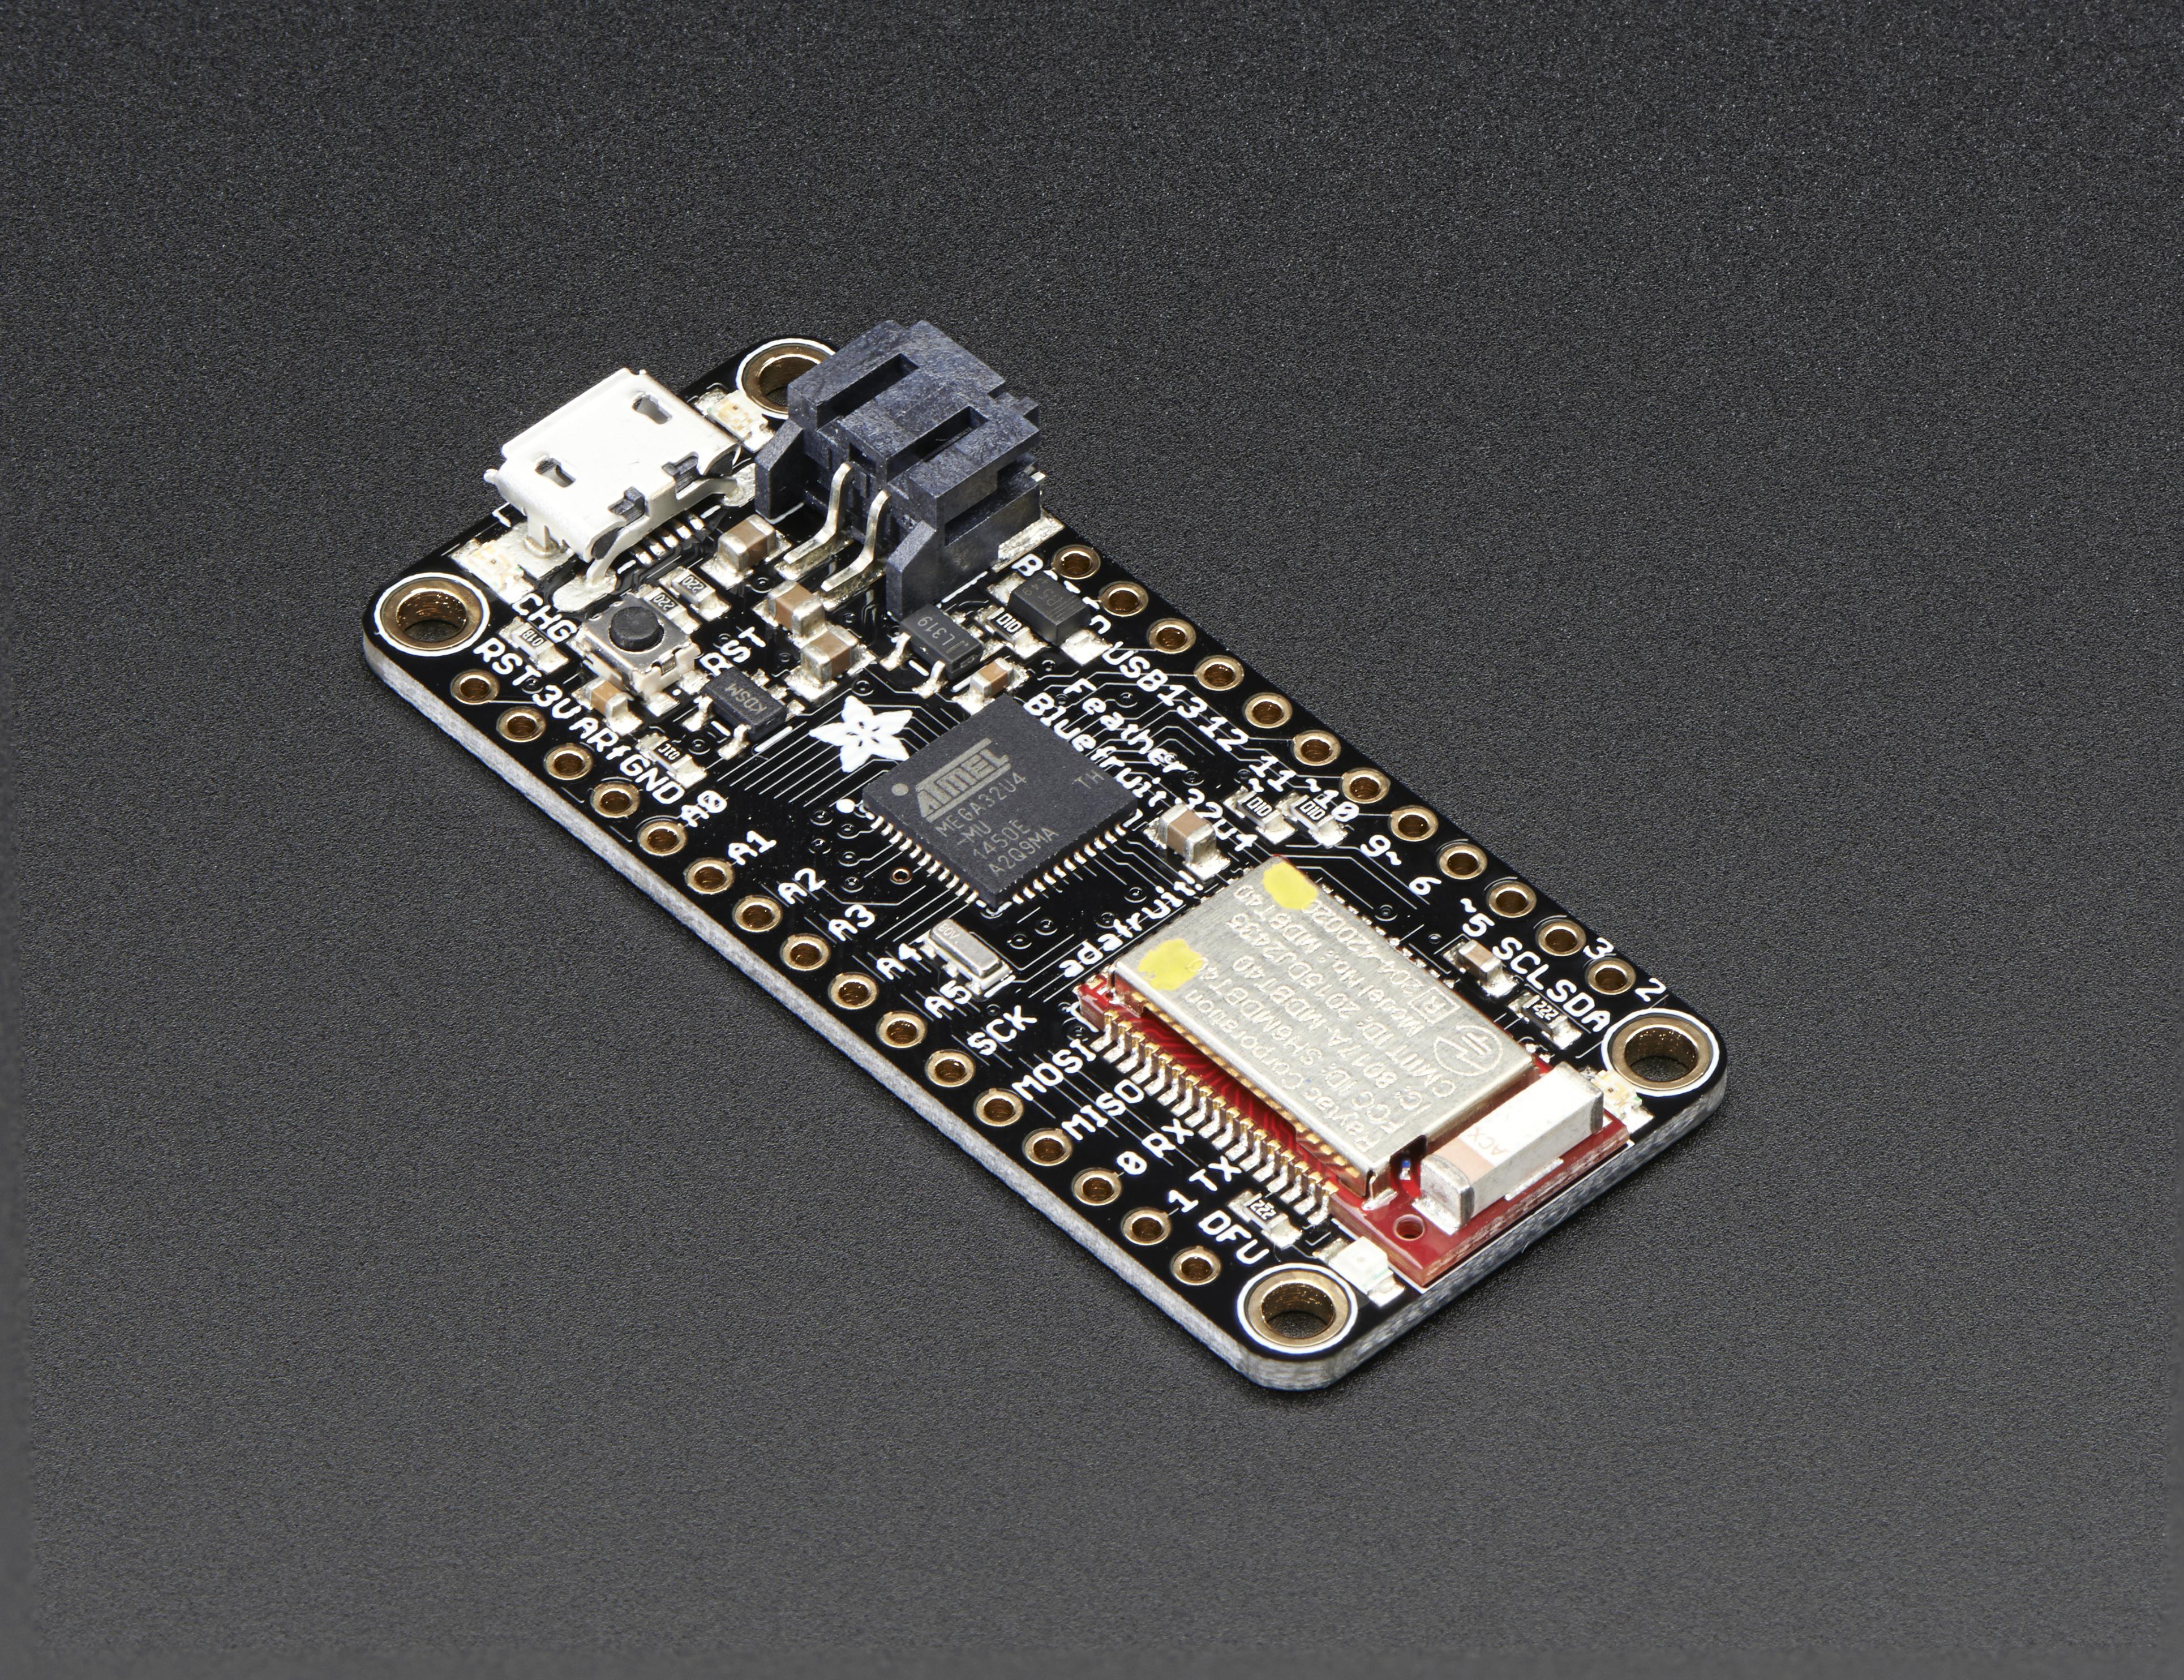 hacks_adafruit_products_2829_iso_ORIG.jpg